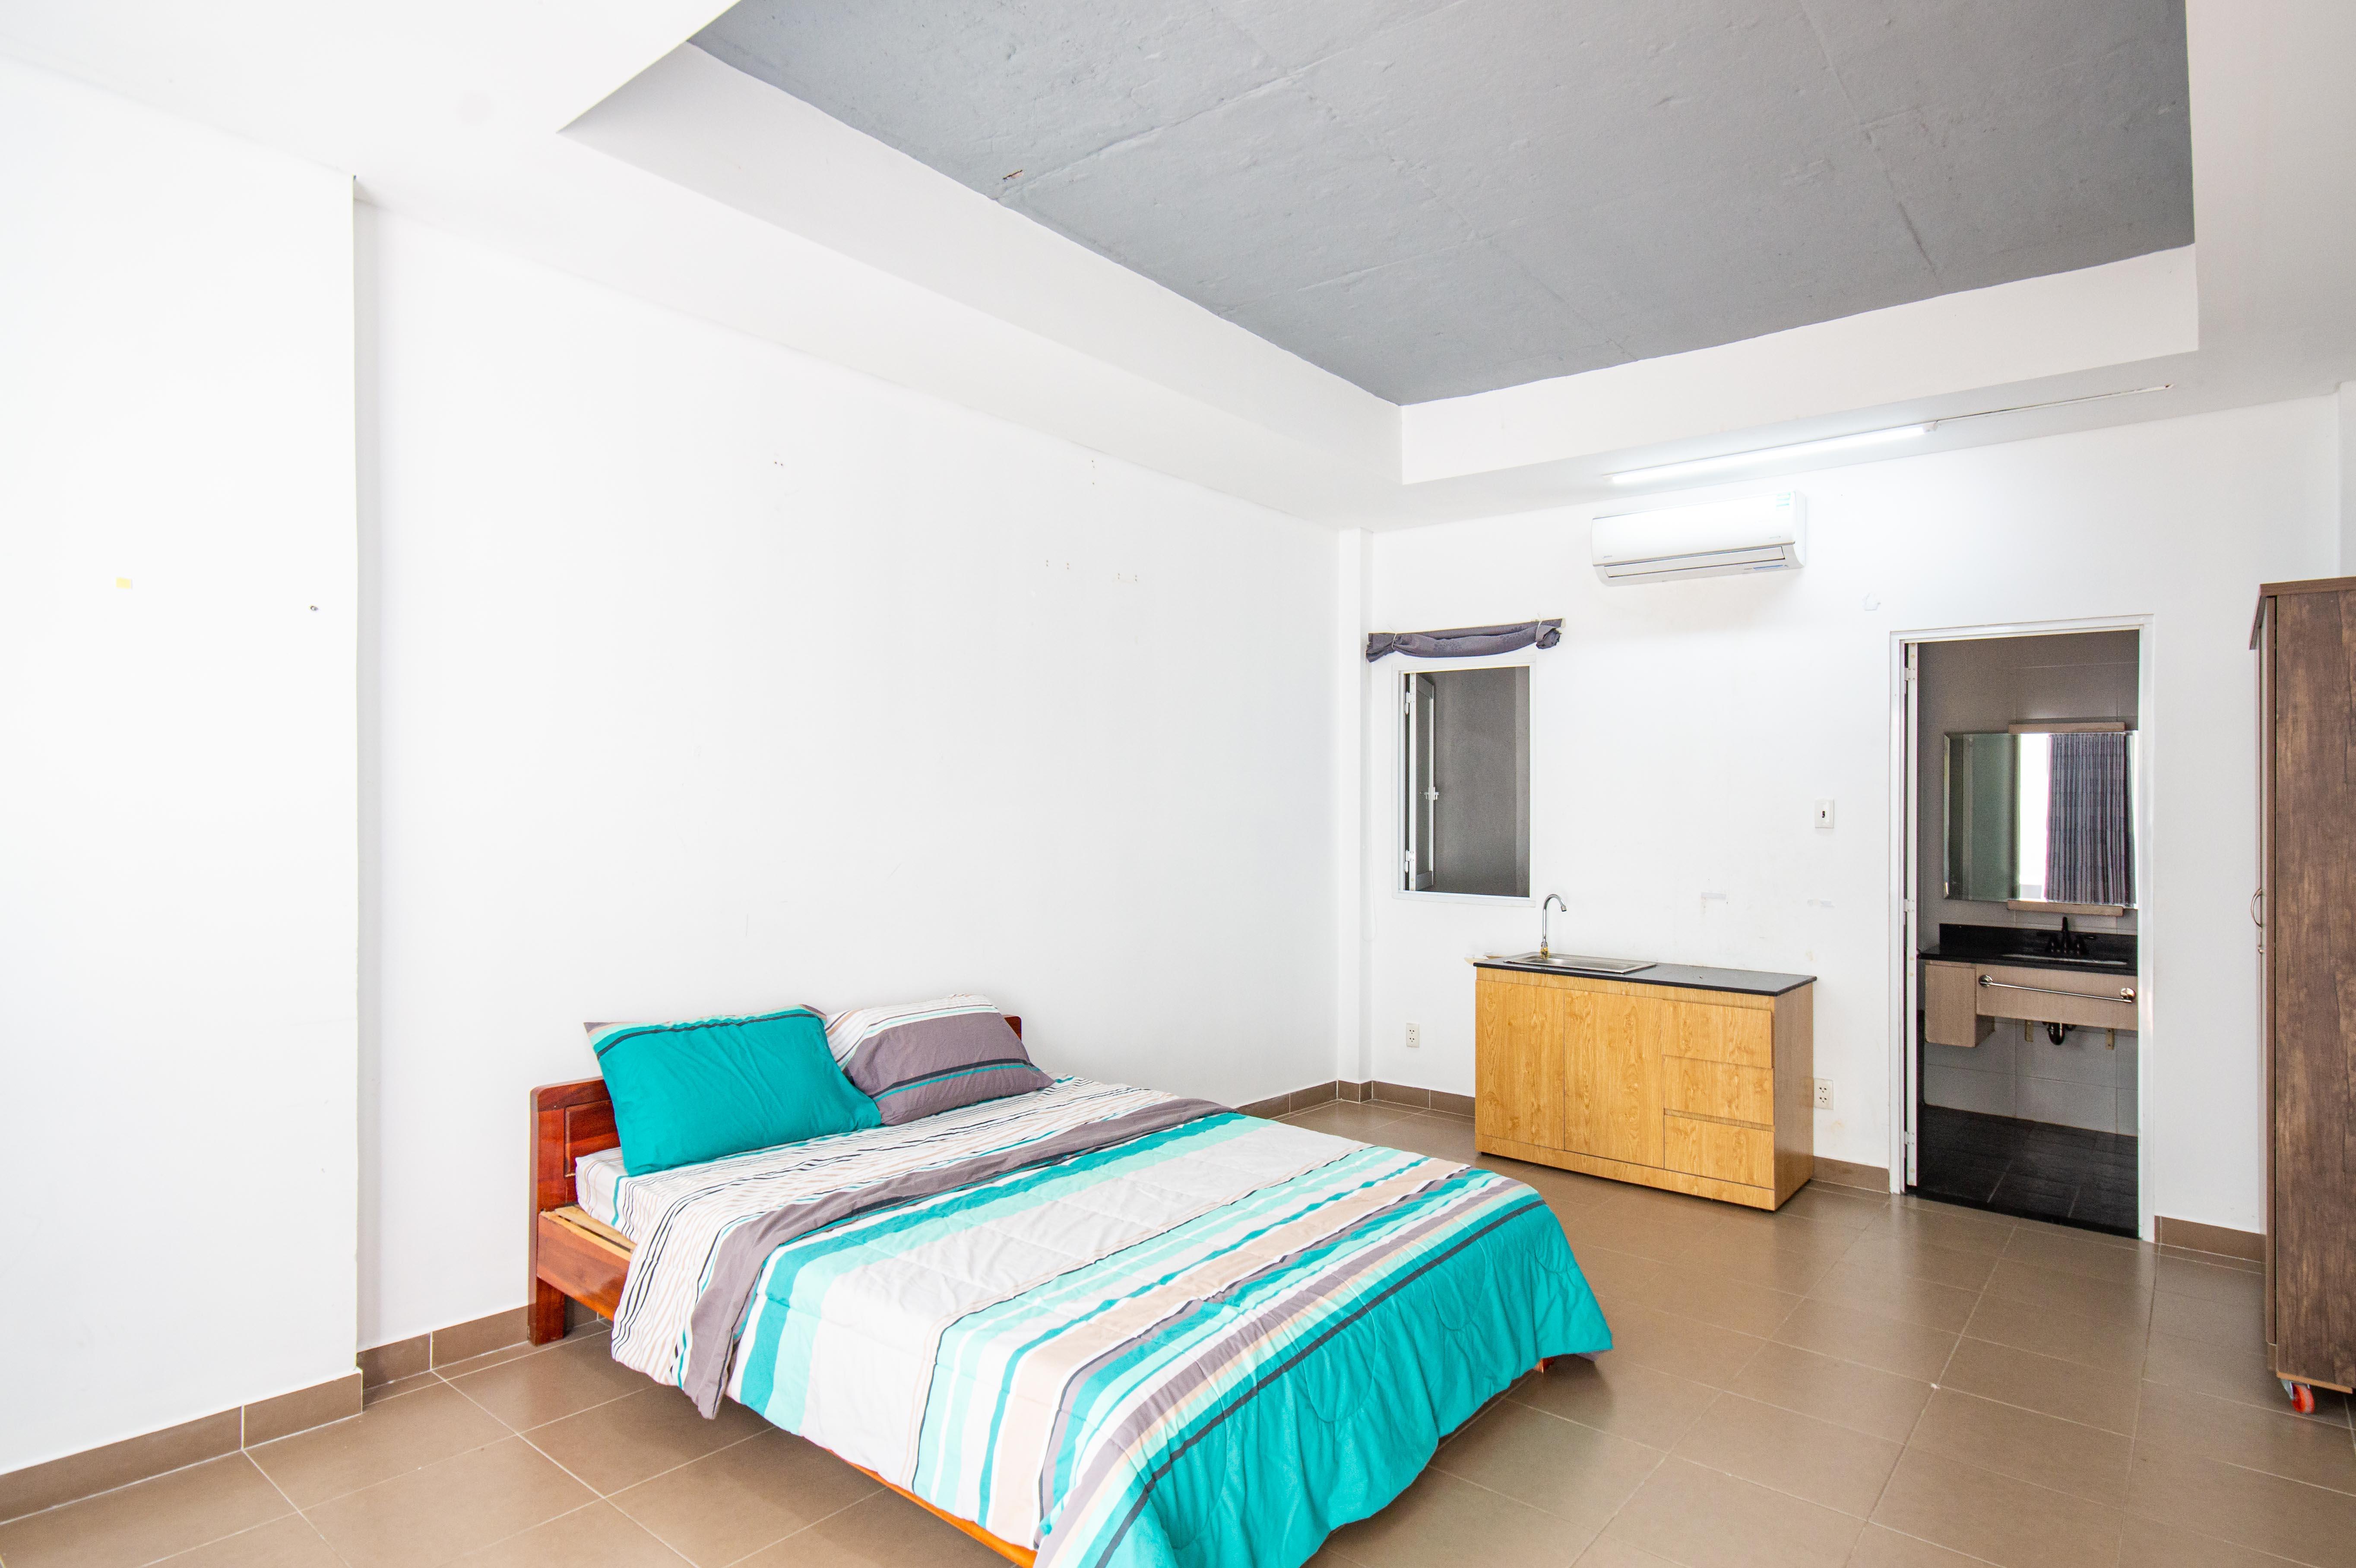 Cho Thuê Căn hộ 1 PN Lê Văn Sỹ Apartment - Có Bồn Tắm -0